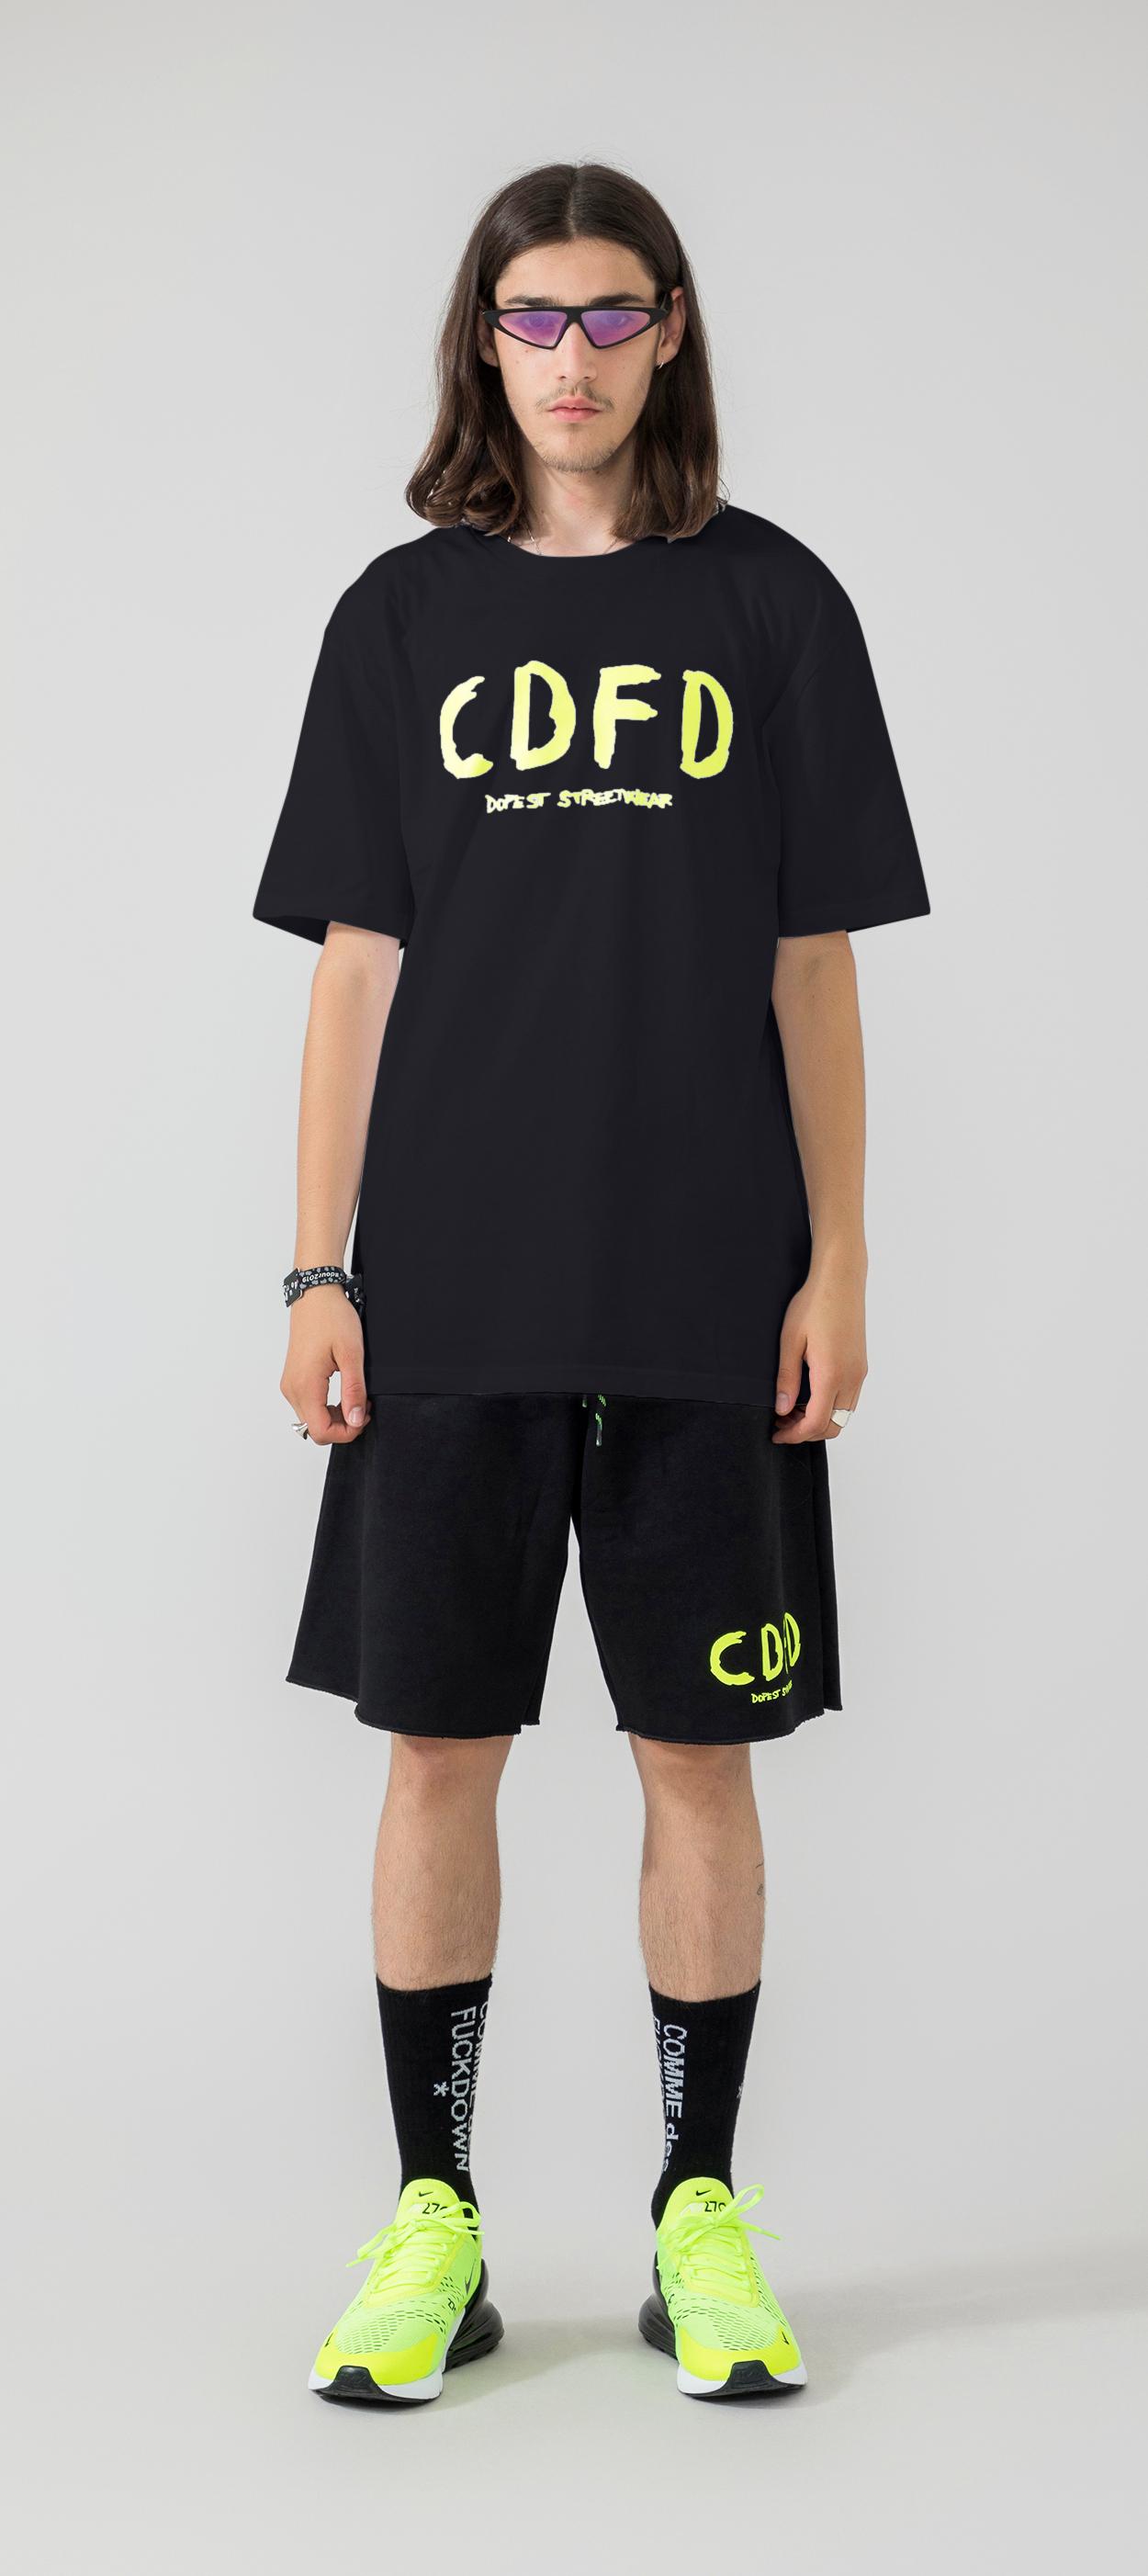 T-SHIRT - CDFU762 - COMME DES FKDOWN